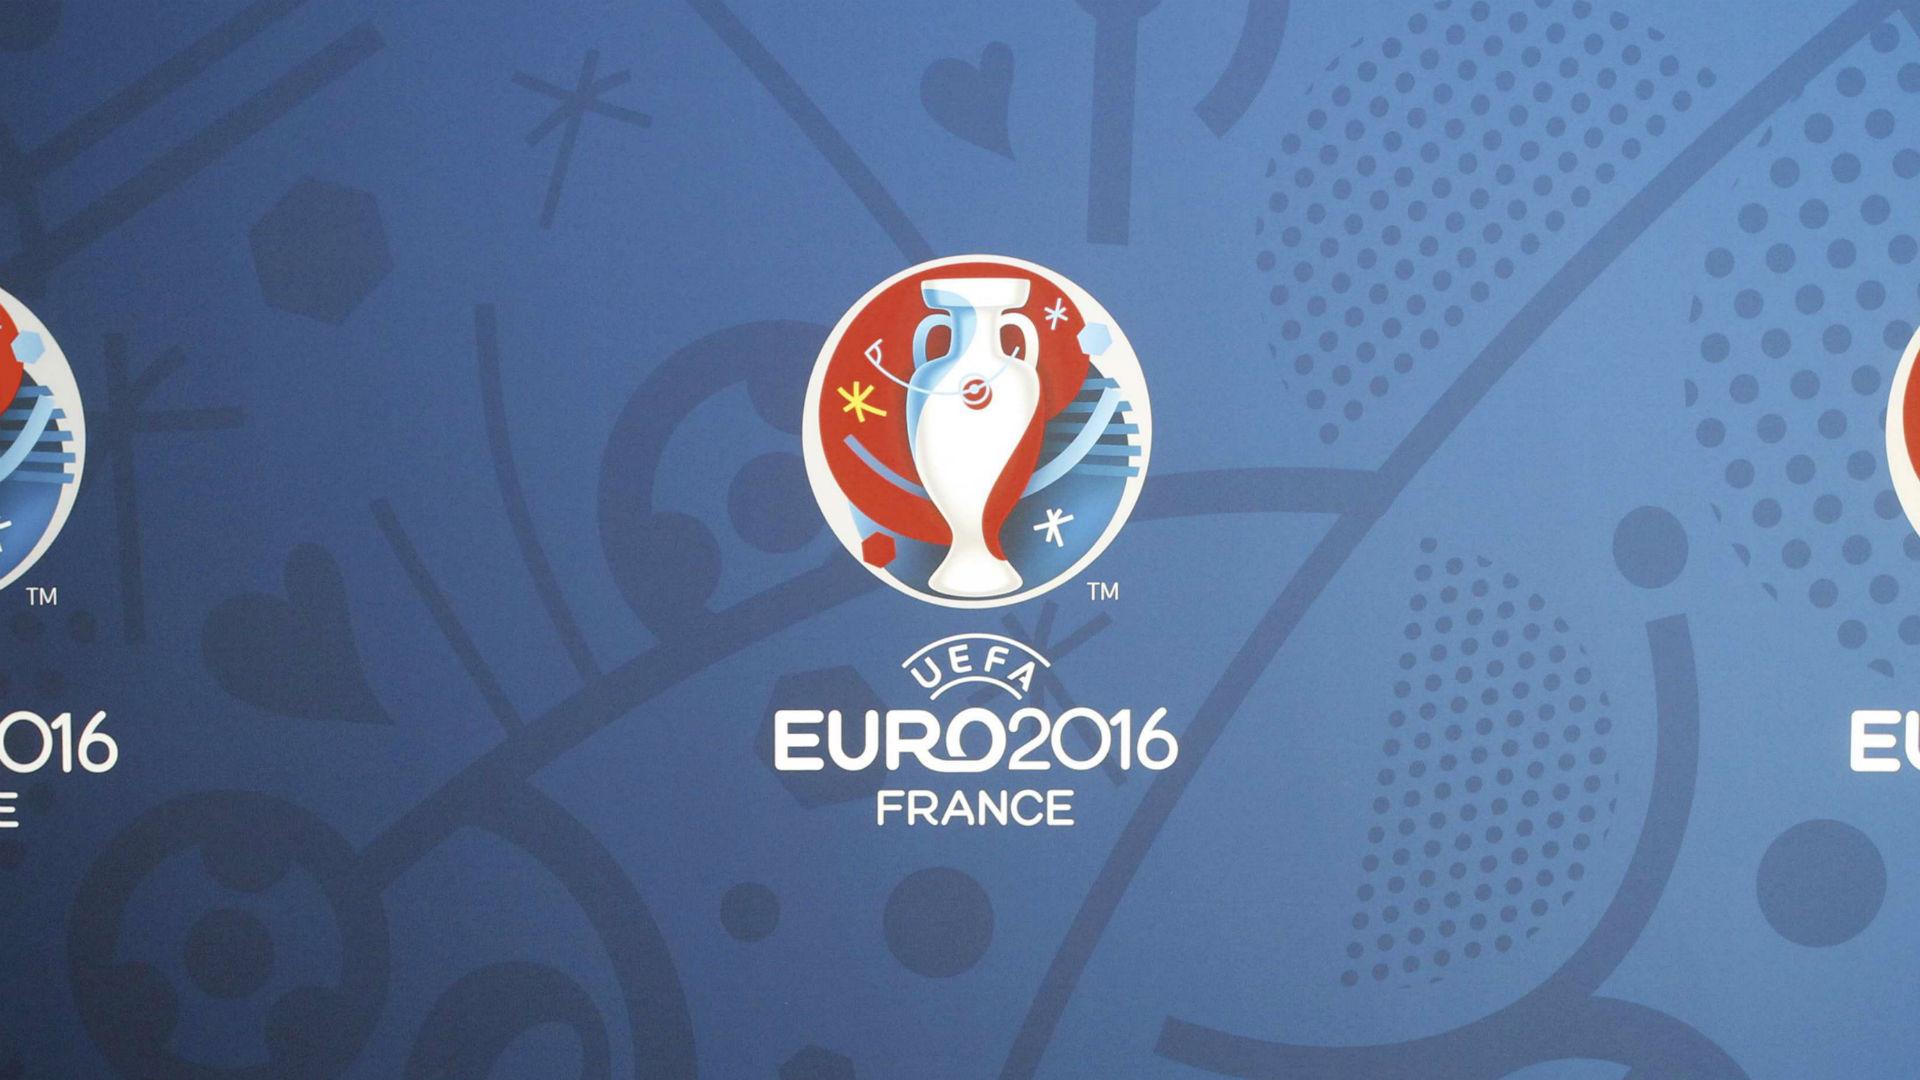 euro2016logo - Cropped